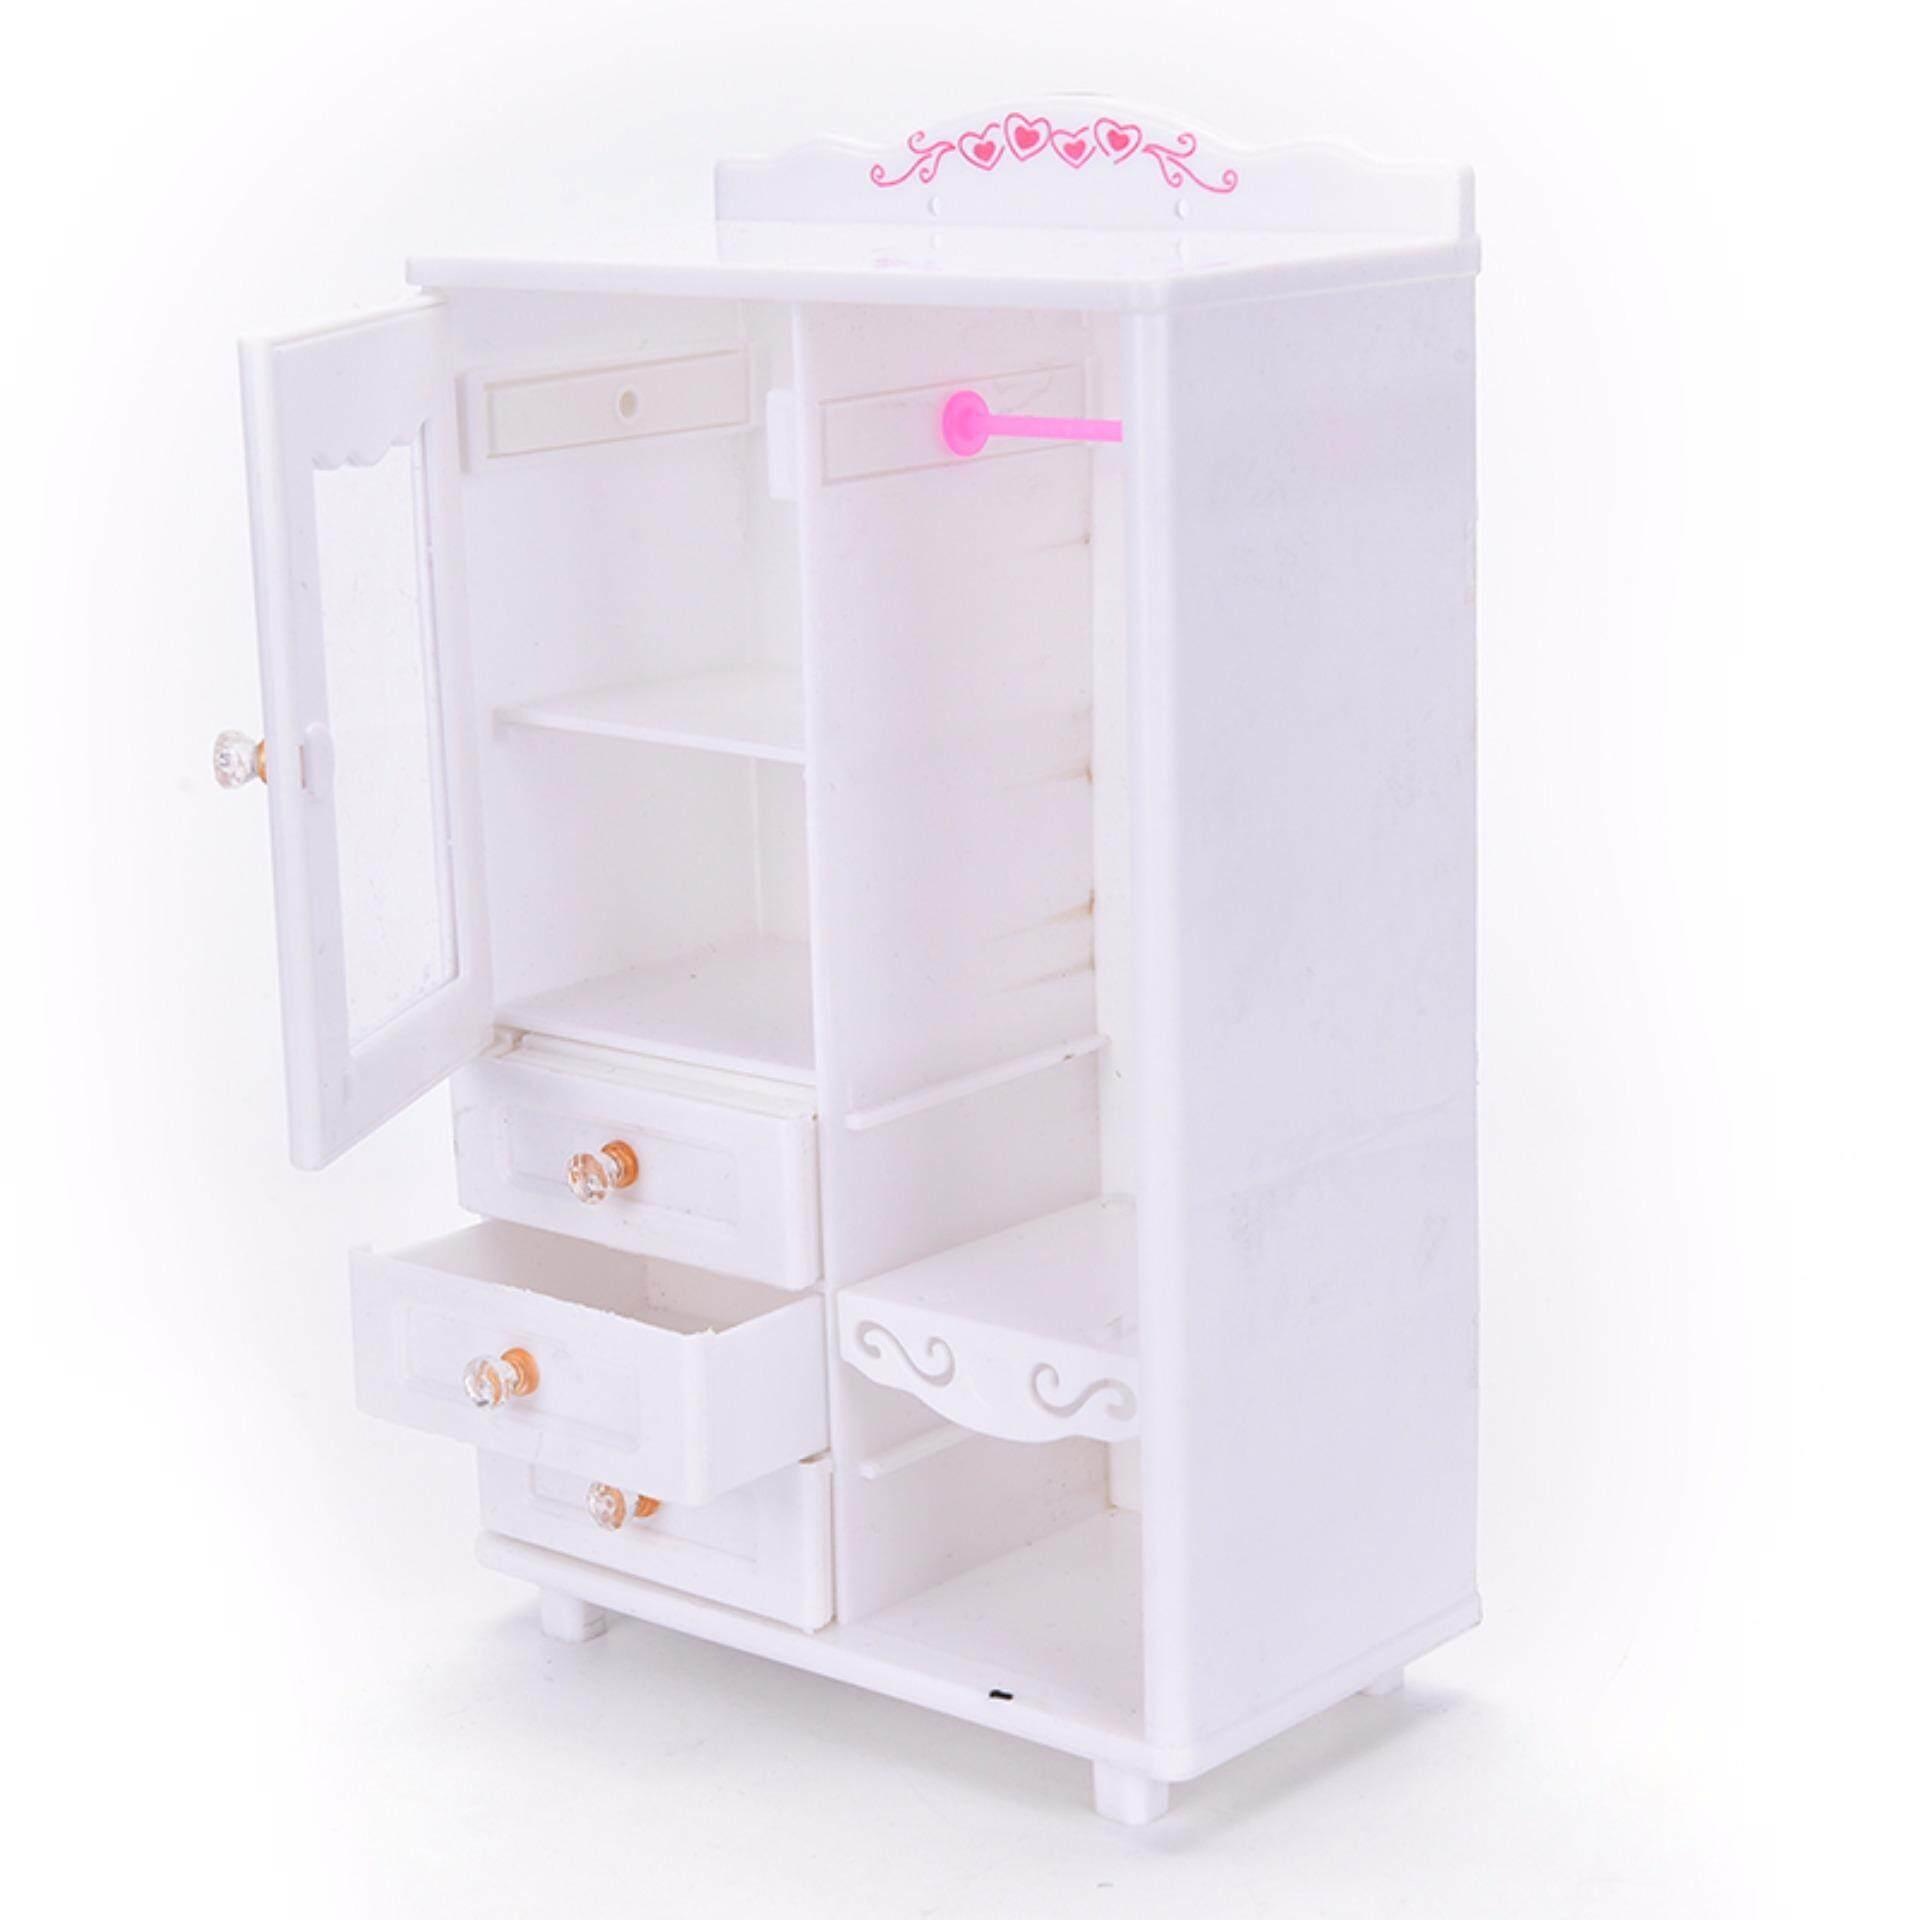 Fitur Plastik Mebel Ruang Tamu Lemari Pakaian Untuk Barbie Aksesoris Katalog Berbie Baju Detail Gambar Rumah Boneka Mainan Internasional Terkini